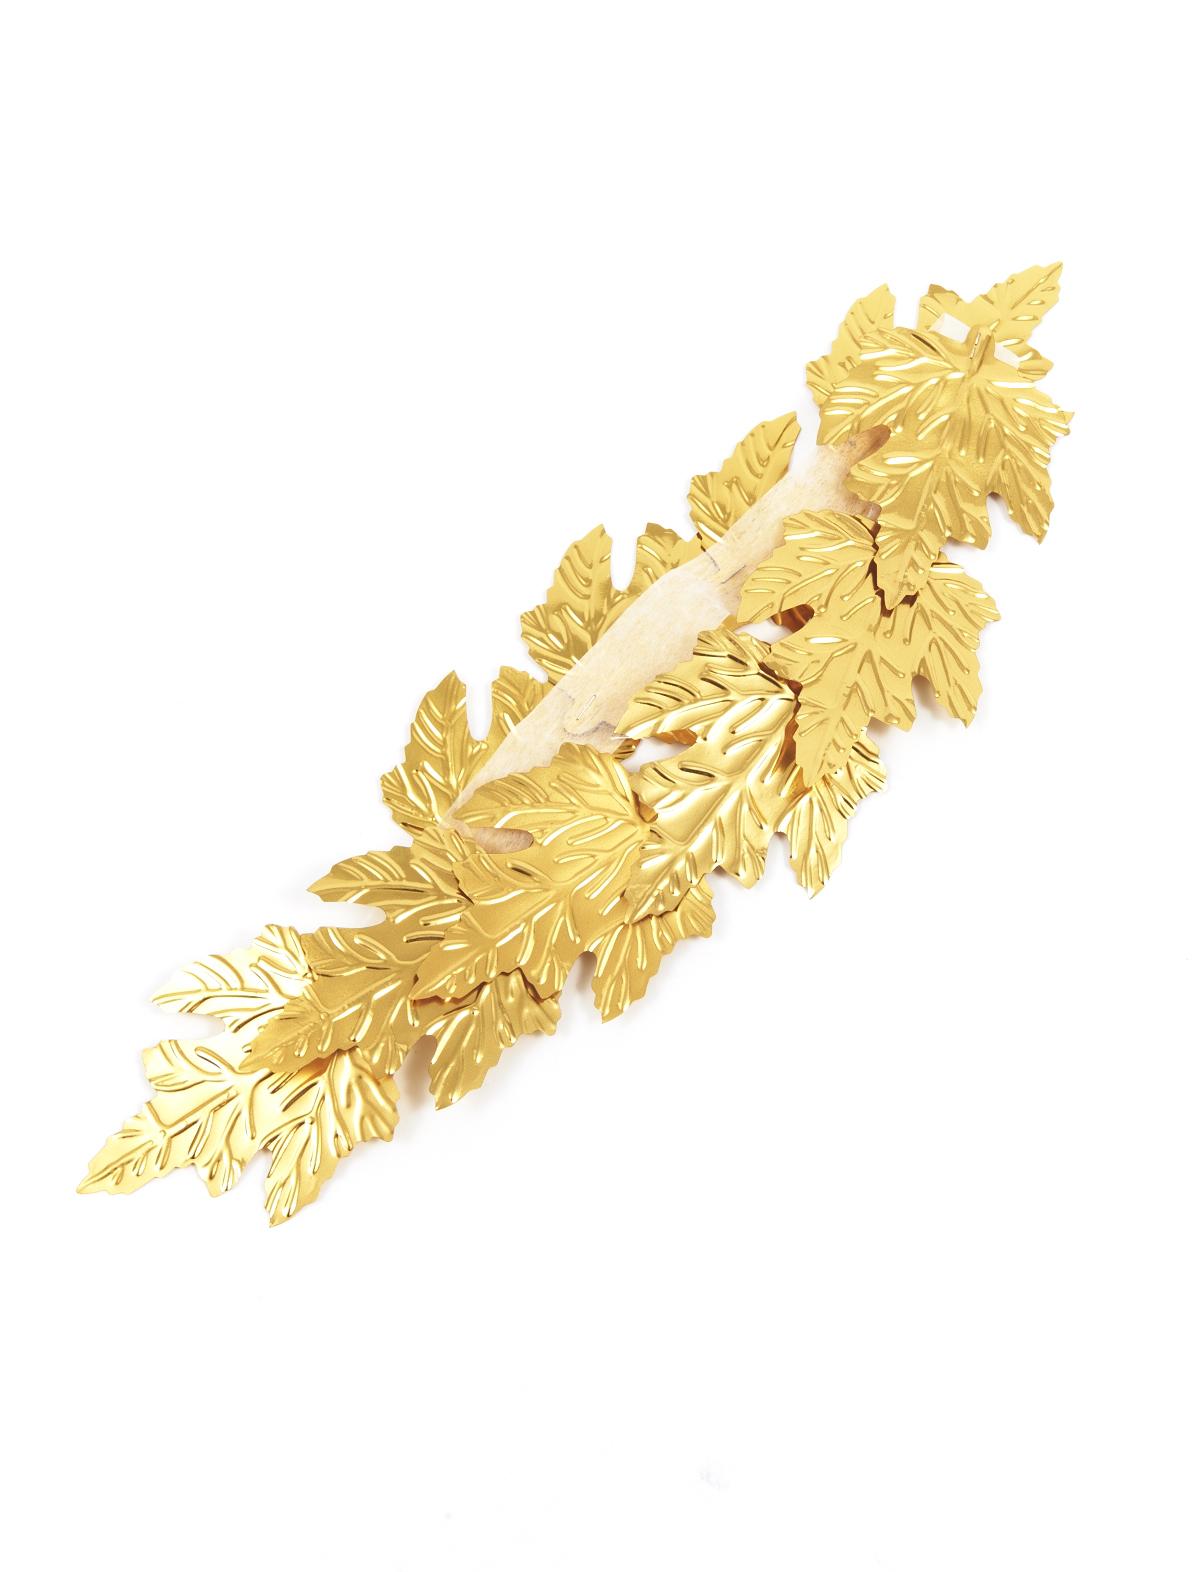 Blätterkranz gold